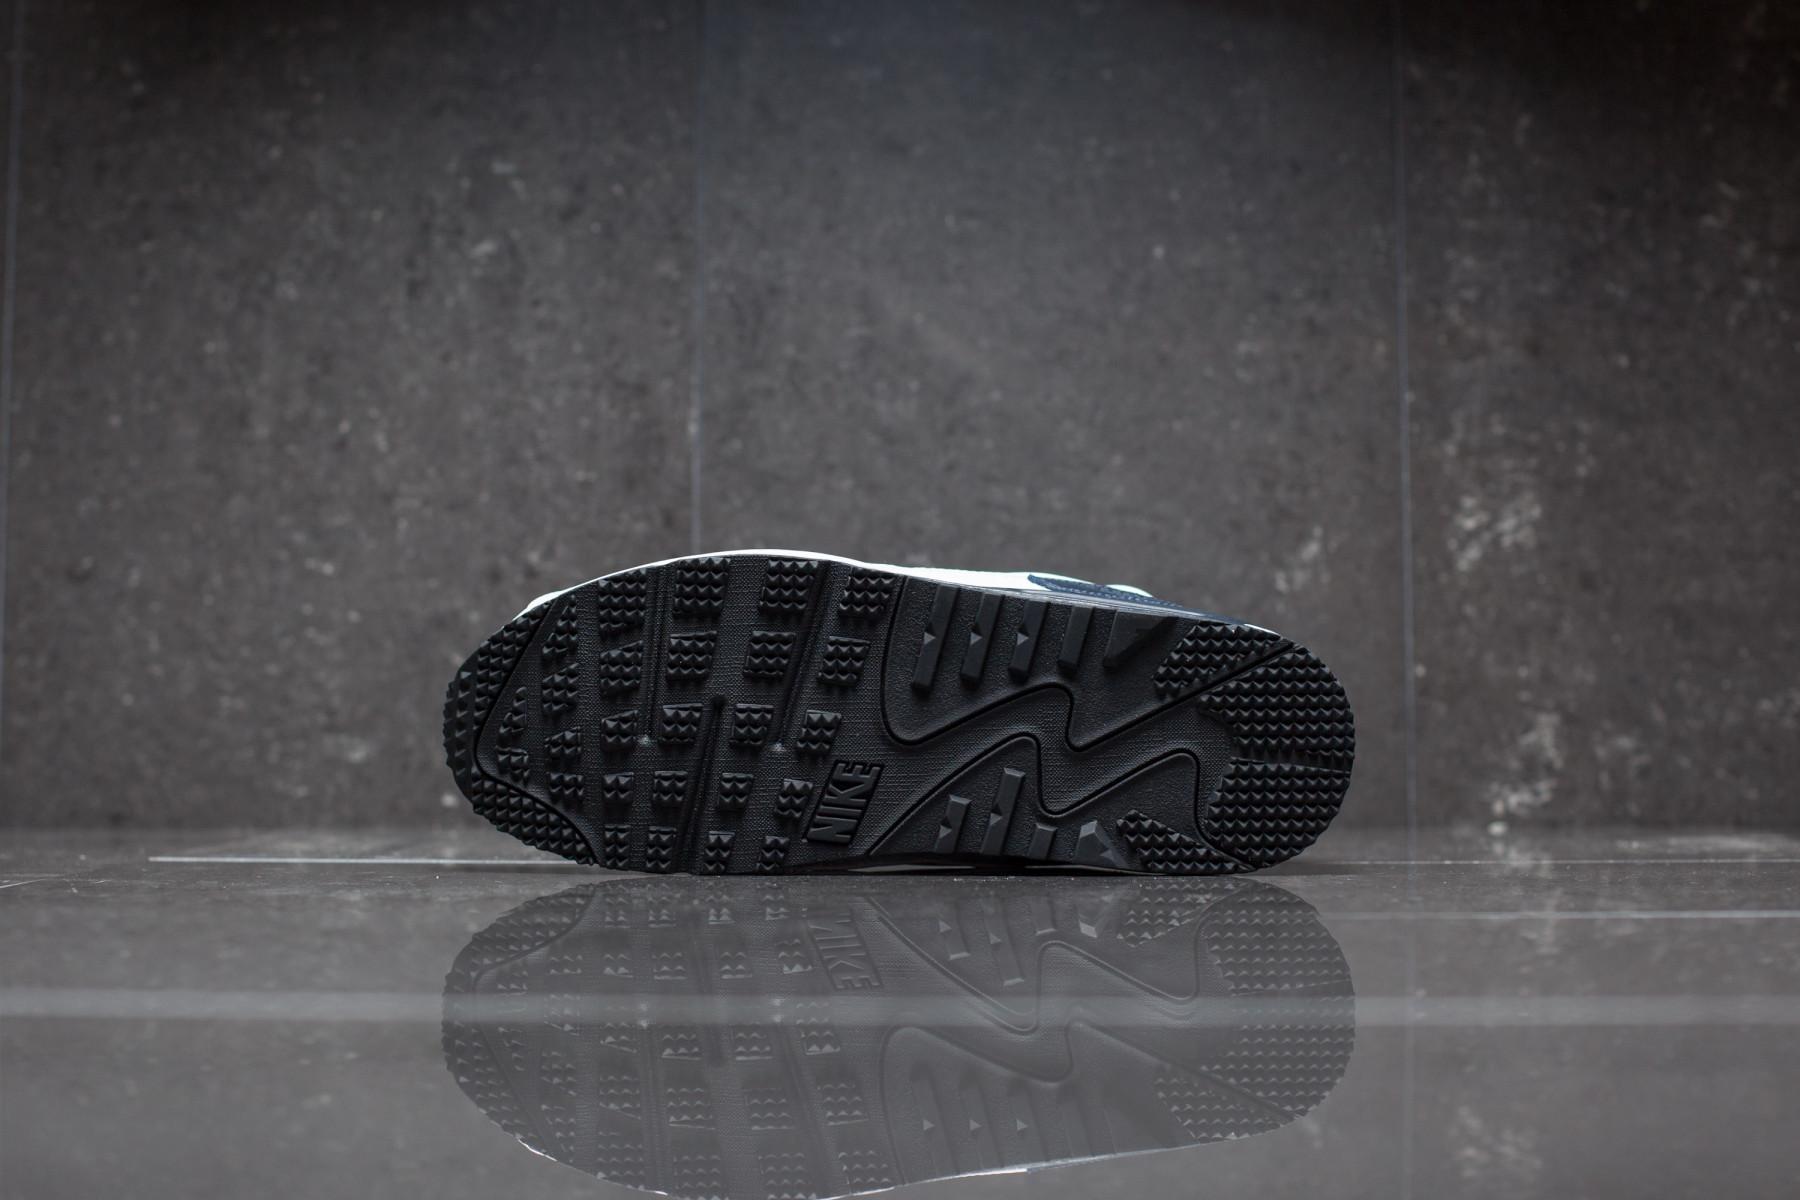 Nike Air Max 90 Utility White Obsidian 858956 100